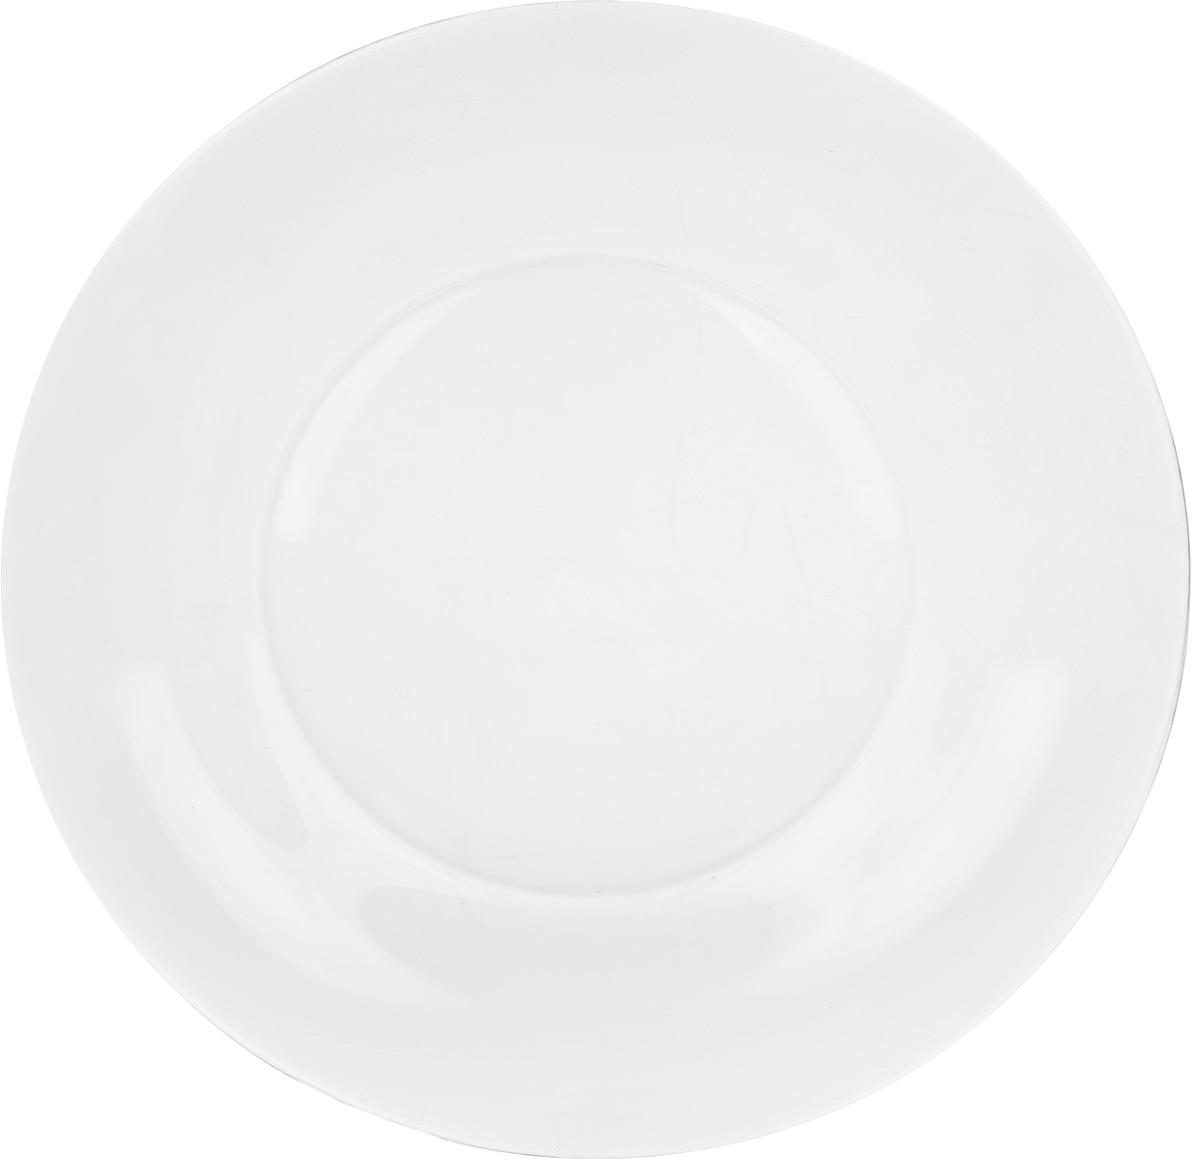 Тарелка десертная ОСЗ Симпатия, диаметр 19,6 см